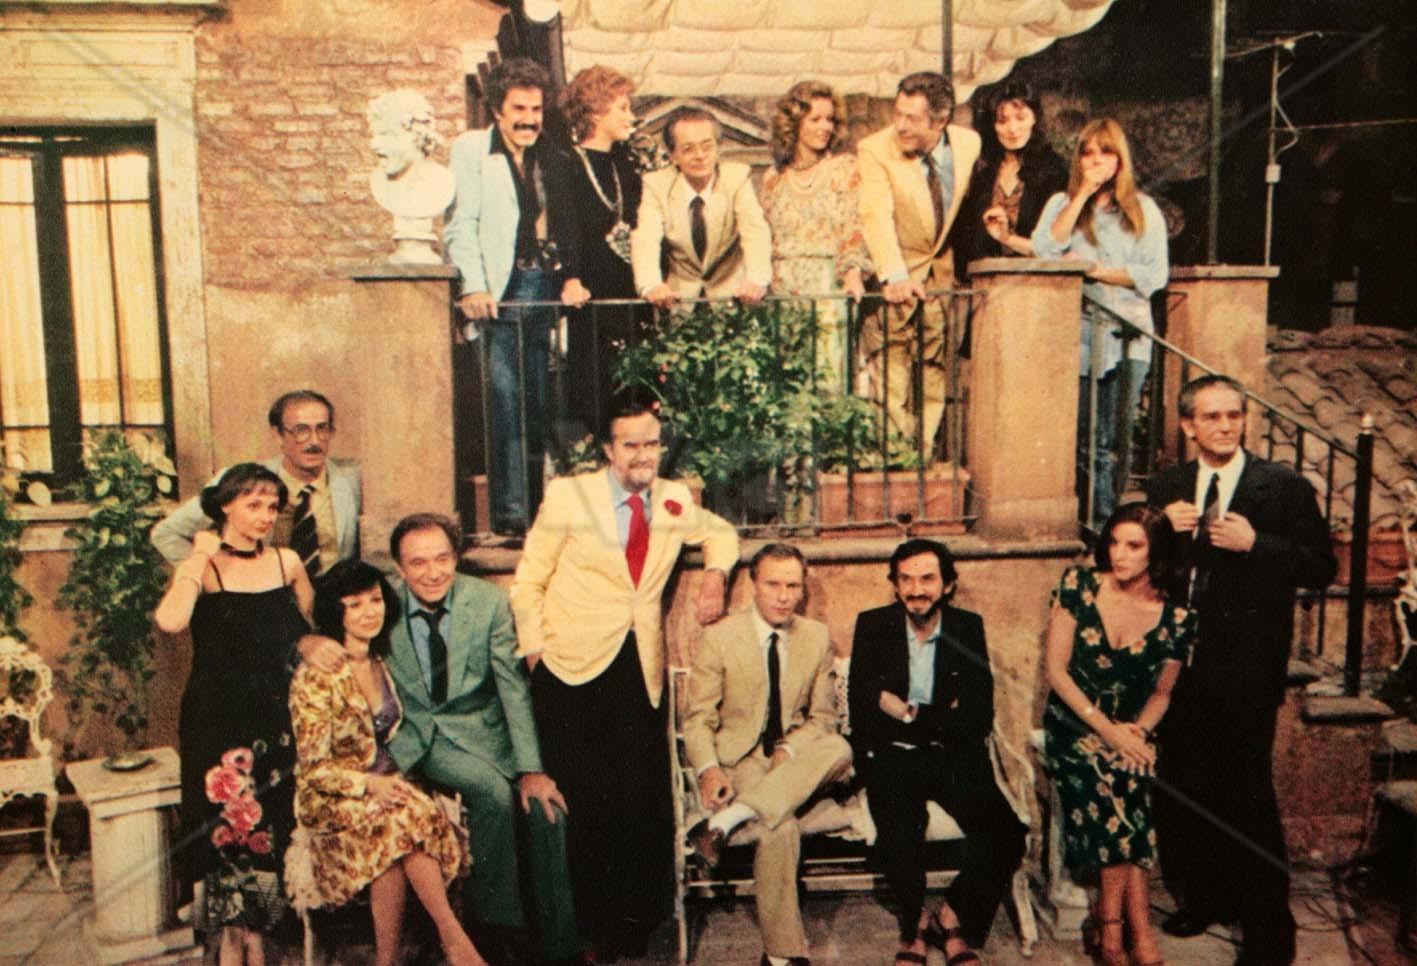 """commedia all italiana Qui il cast di attori e tecnici pronti per le riprese di un film che vuole sublimare e  reinterpretare la """"commedia all'italiana"""", con la speranza di."""